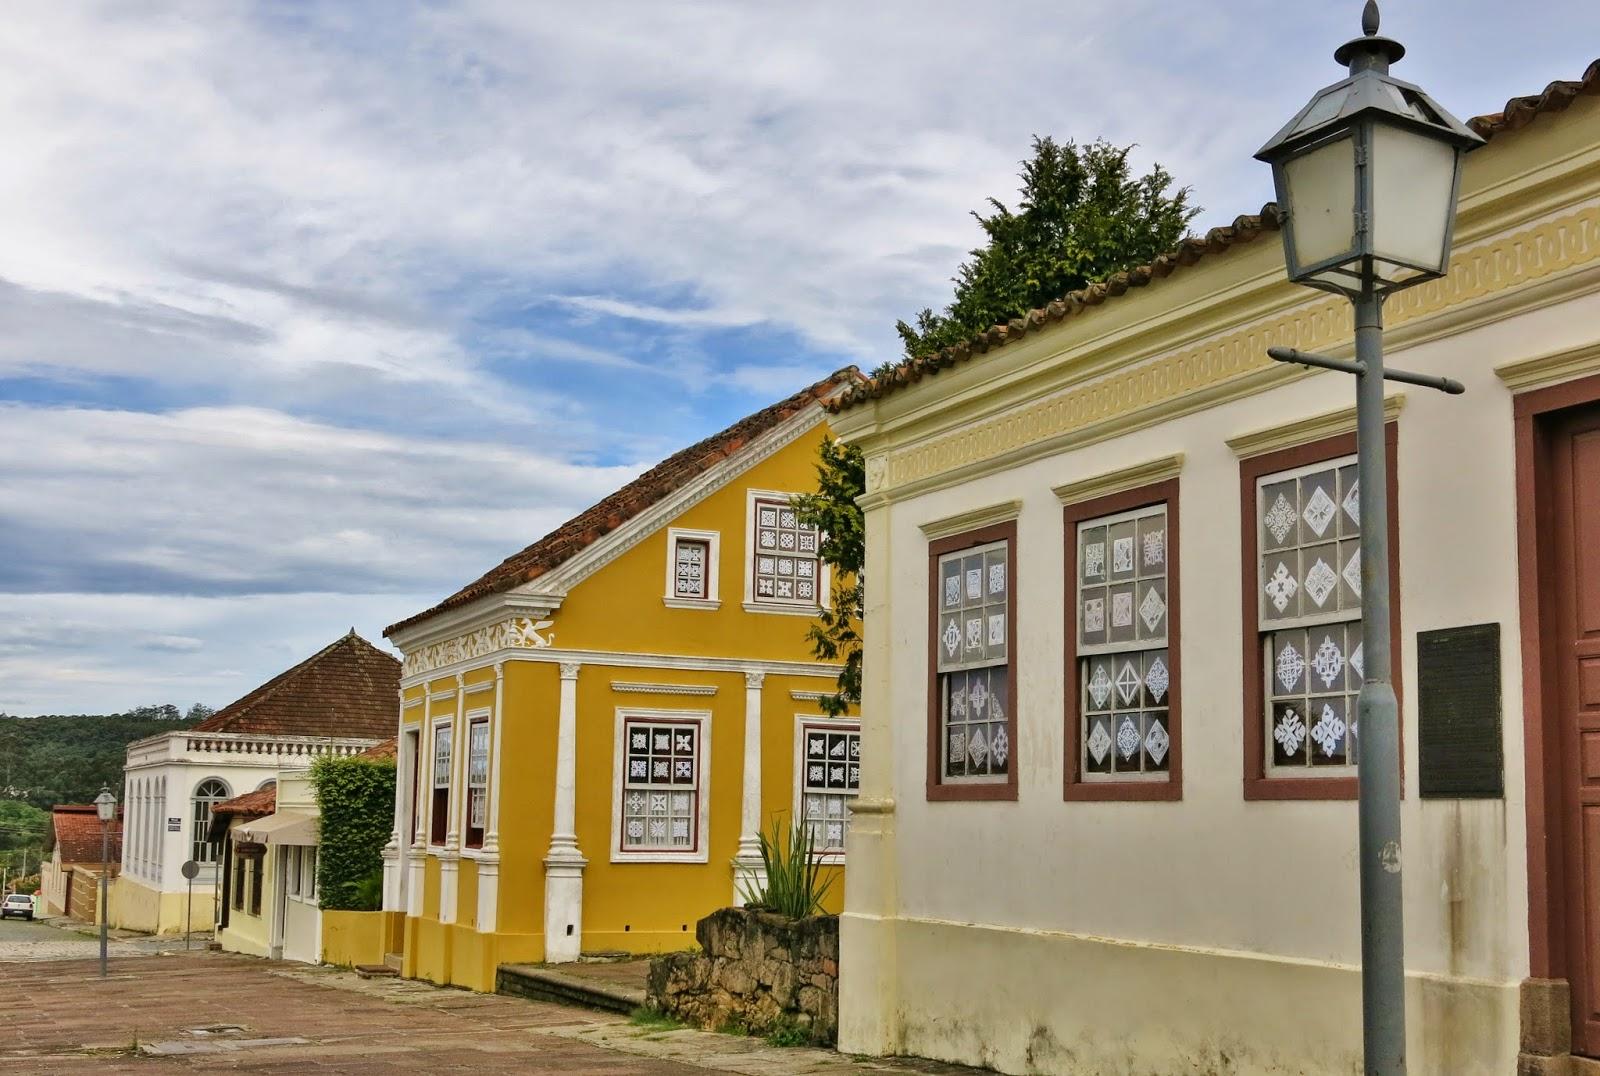 Centro histórico da Lapa, no interior do Paraná.